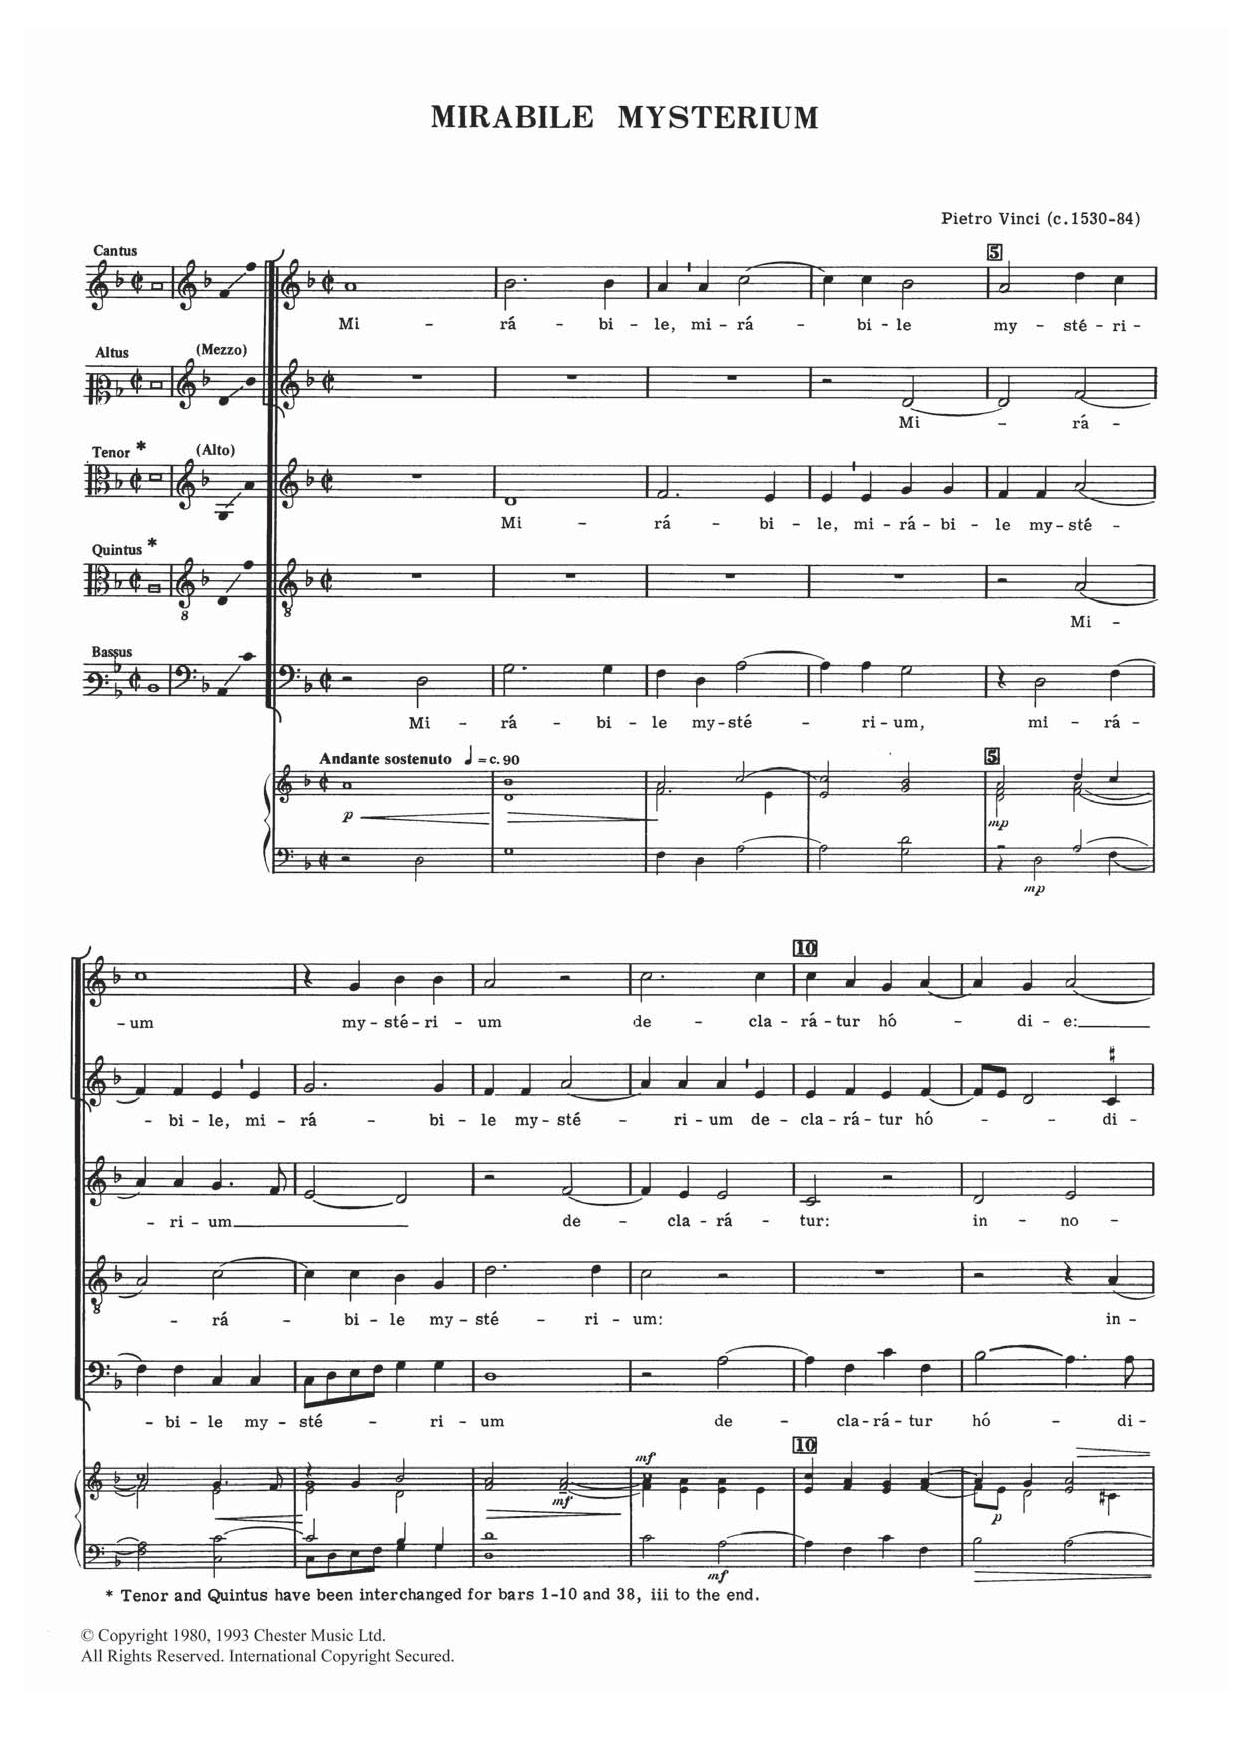 Pietro Vinci - Mirabile Mysterium